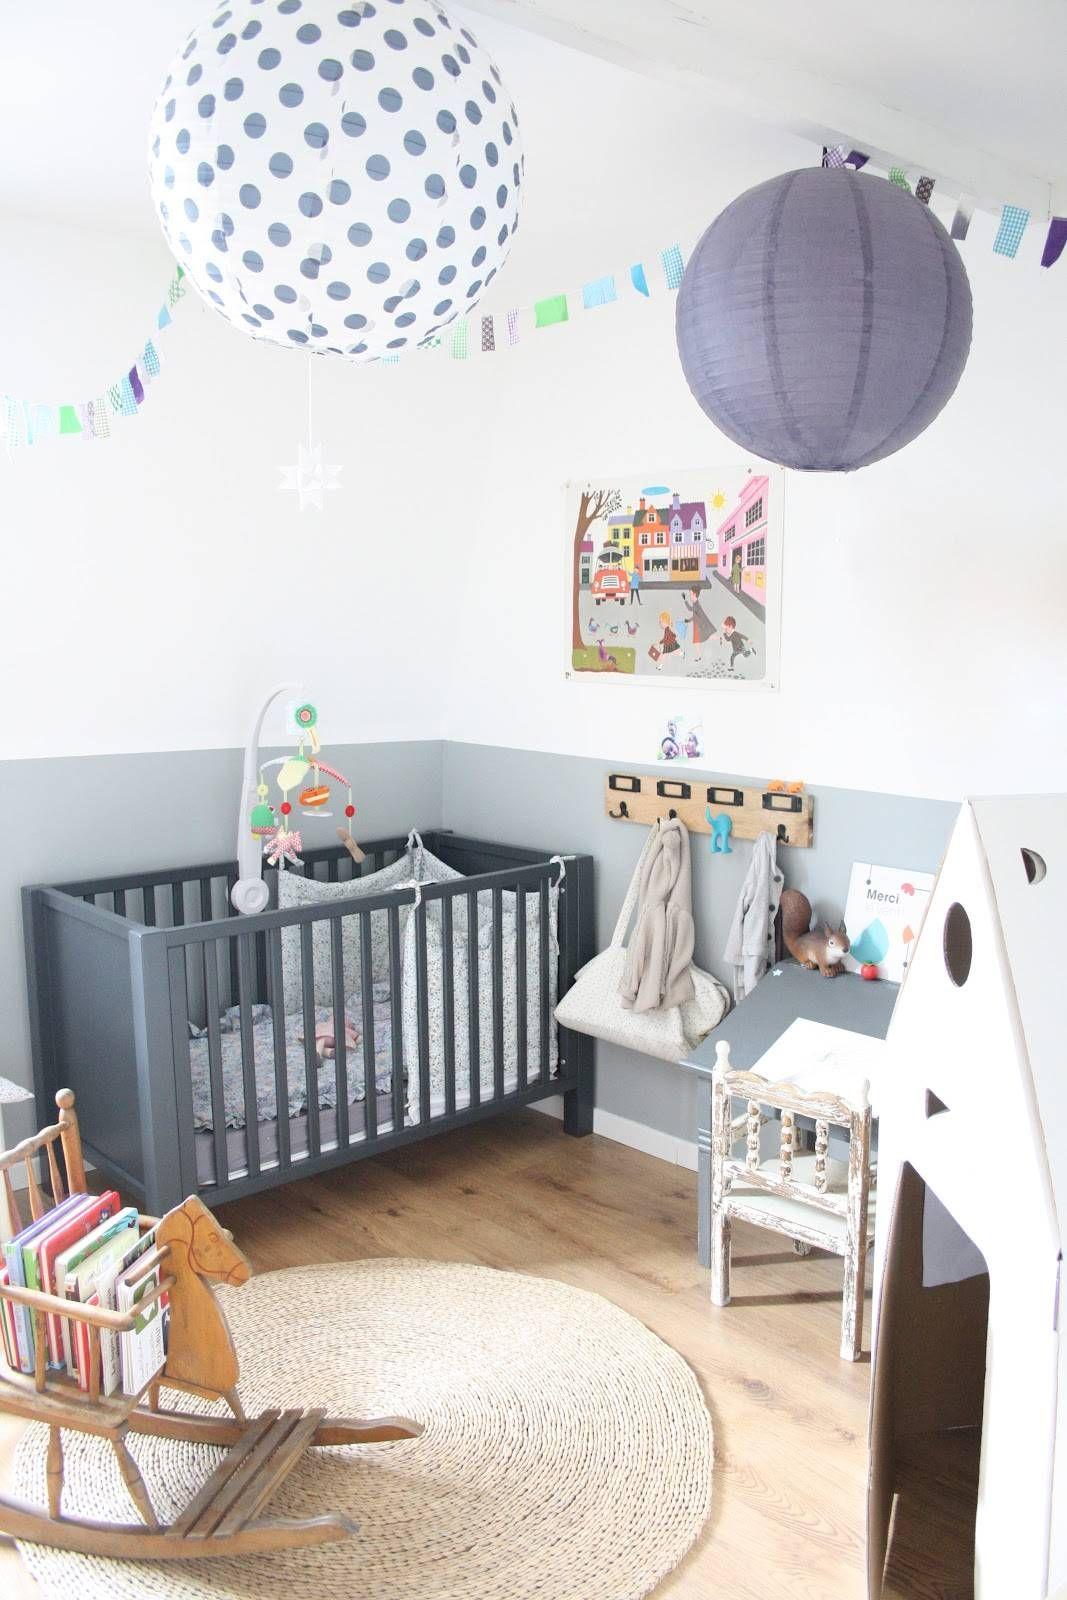 Dormitorio para niño en estilo vintage ¡juega con el gris